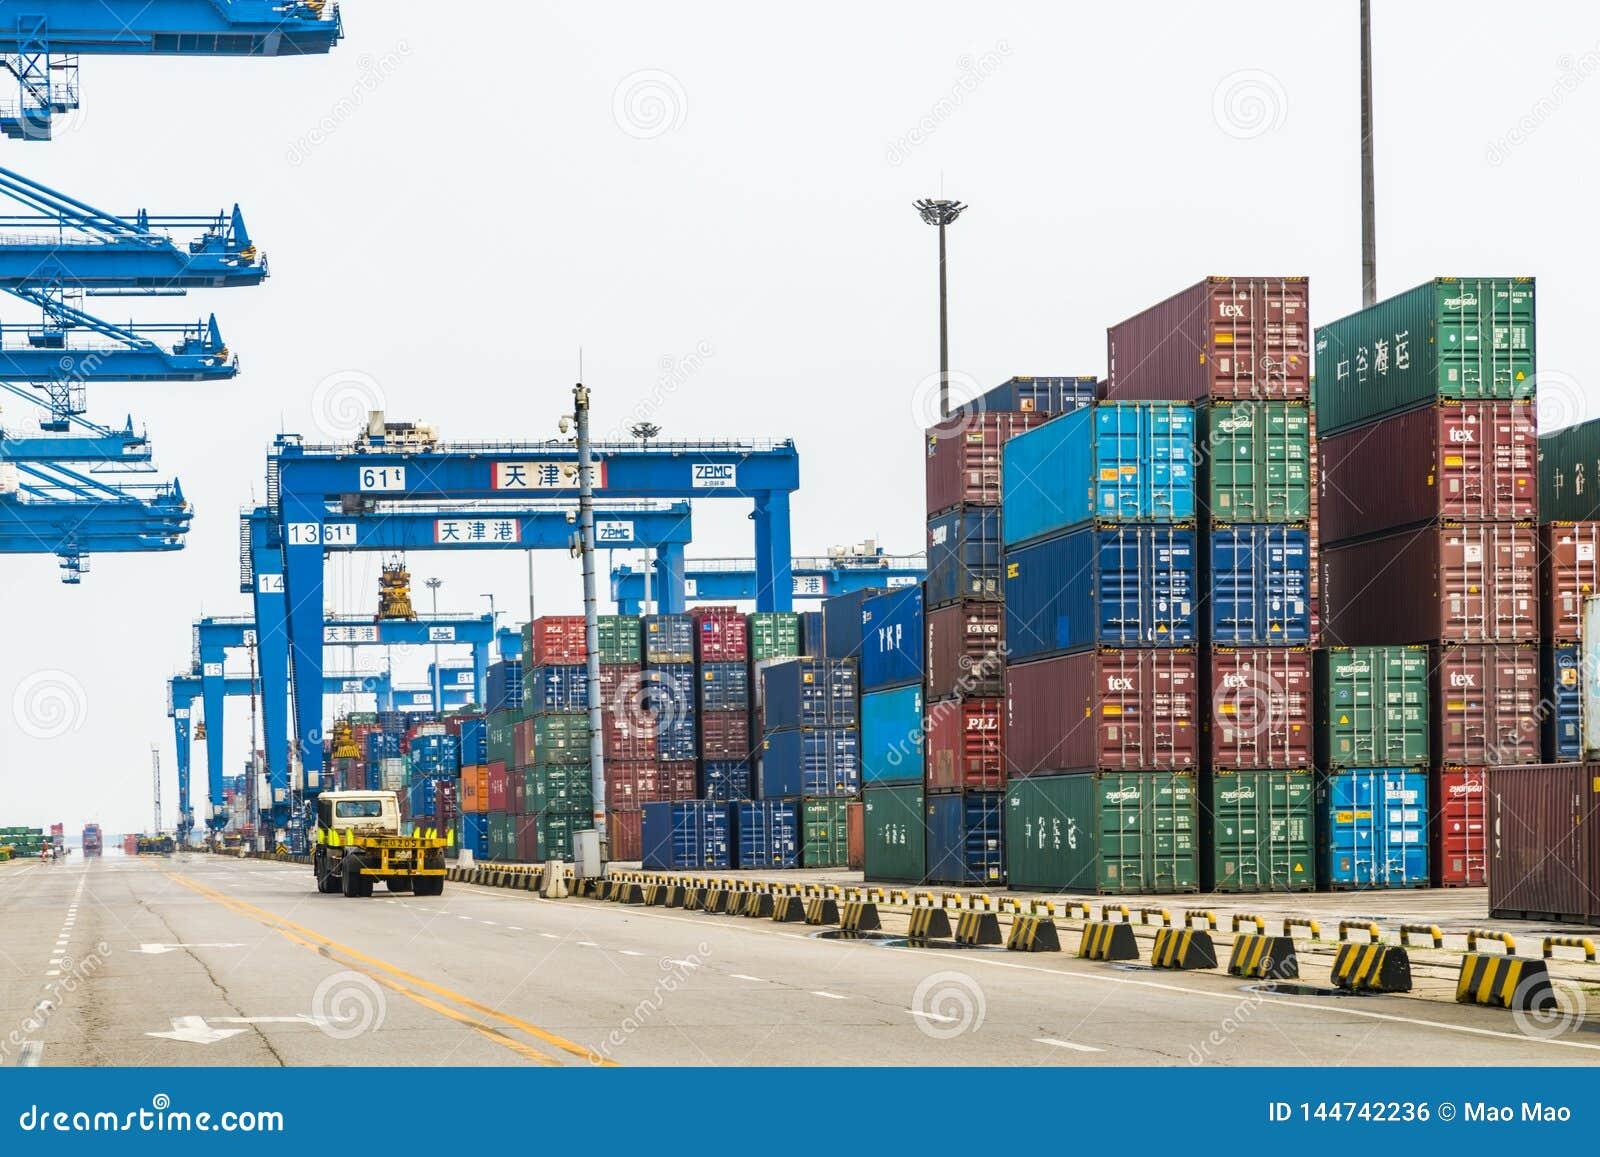 Tianjin China - am 4. Juli 2016: Szene des Tianjin-Hafenbehälterfrachtumschlagplatzes